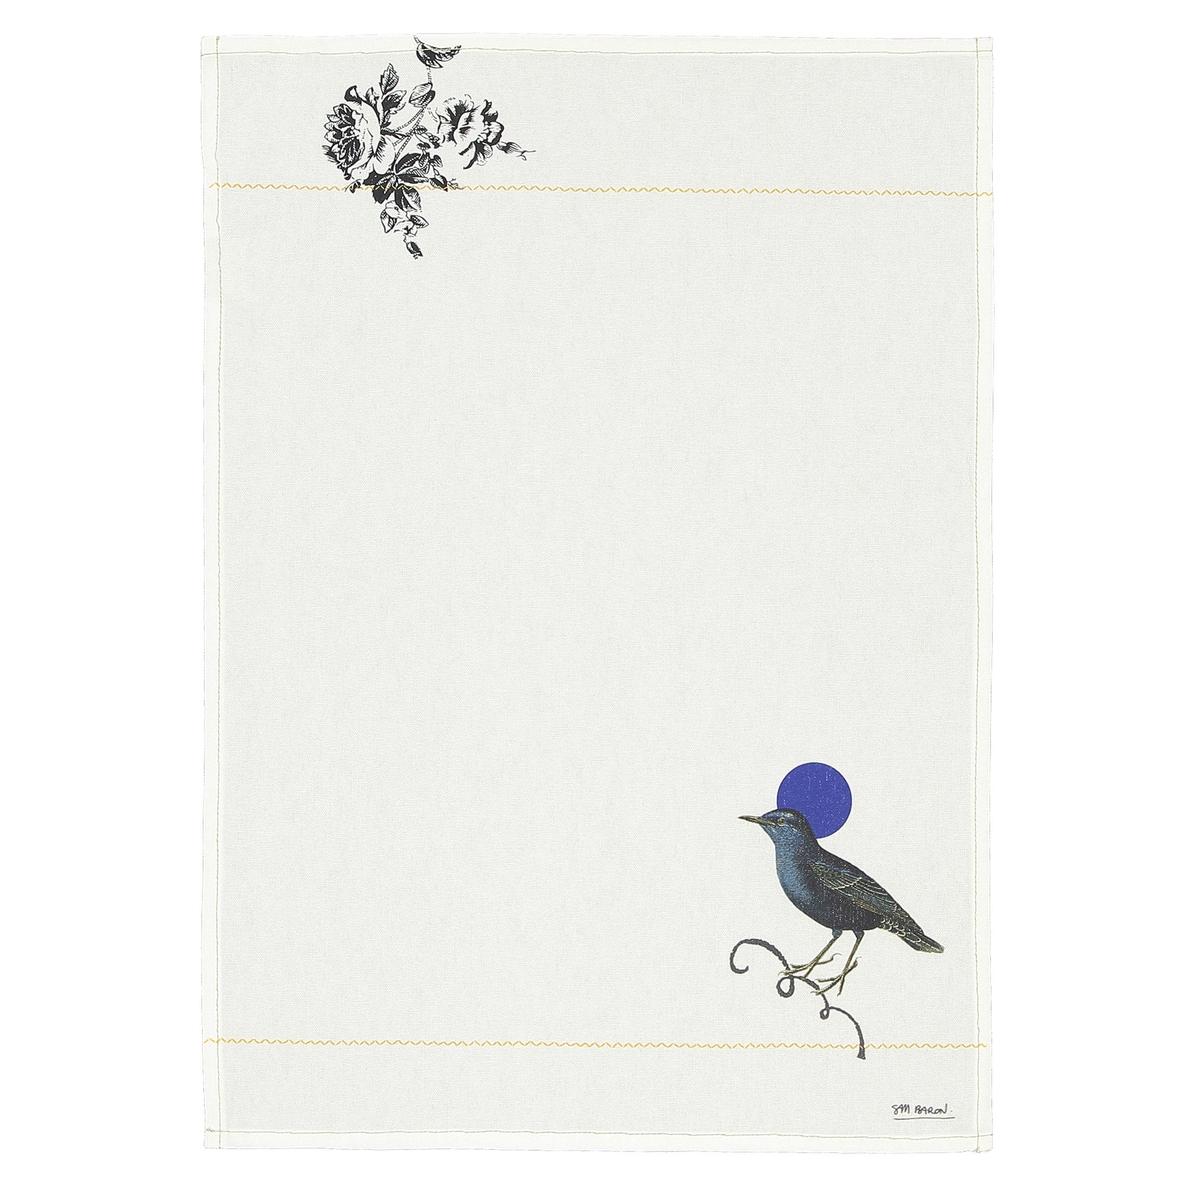 4 полотенца кухонных, SAM BARONДизайнер SAM BARON снова поделился своим талантом с La Redoute Int?rieurs .В своей коллекции, которая называется «Встречать», эксклюзивно для La Redoute Int?rieurs он с юмором и элегантностью интерпретировал линию предметов декора . Эстетические коды с сюрреалистическим акцентом отражают ироничный и поэтичный взгляд на мир Дома !Характеристики 4 кухонных полотенец Sam Baron :- 100% хлопок- Цифровой рисунок, 4 различных узора- Подрубленные края- Золотистая прострочка- Стирка при 40°Размеры 4 кухонных полотенец Sam Baron :- 50 x 70 см<br><br>Цвет: белый наб.рисунок<br>Размер: комплект из 4